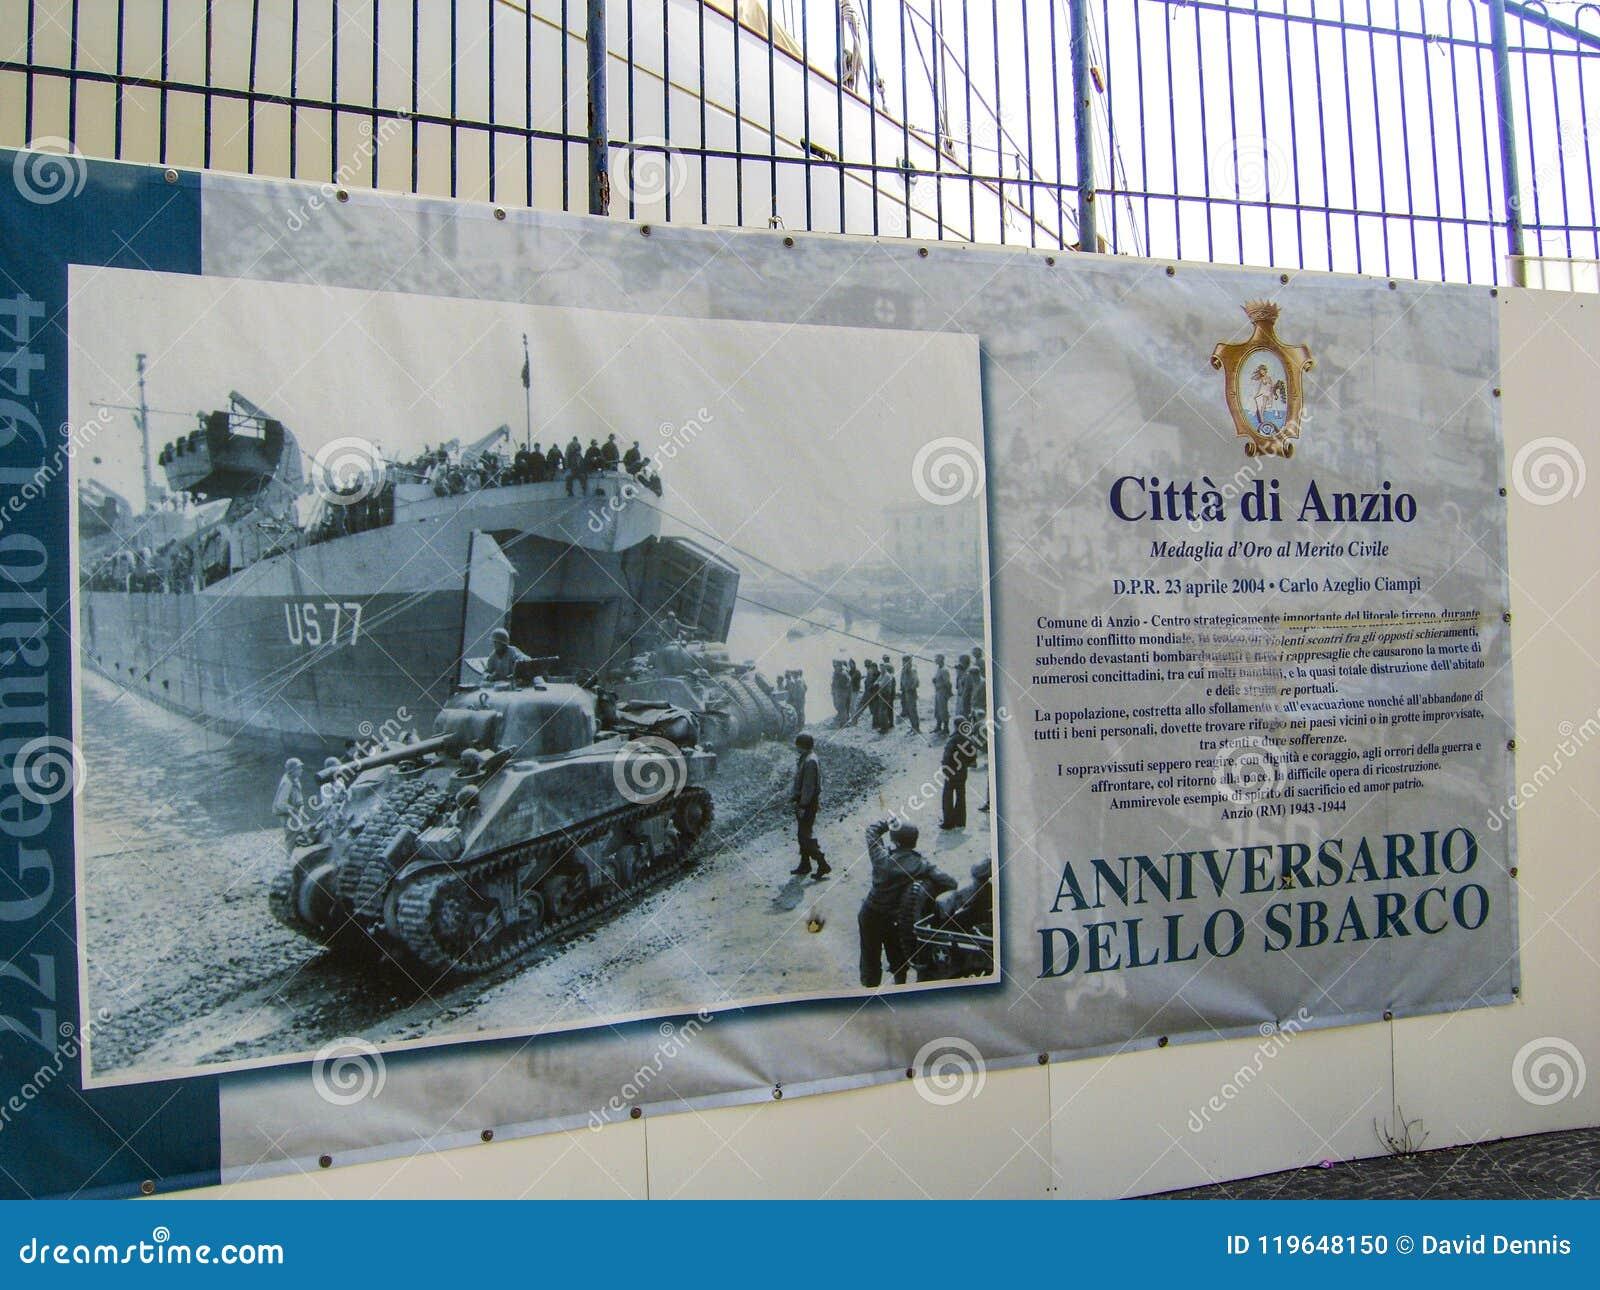 Affiche die de het bevrijden invasie tonen door de krachten van Verenigde Staten in Anzio, Oorlog II van Italië duringWorld